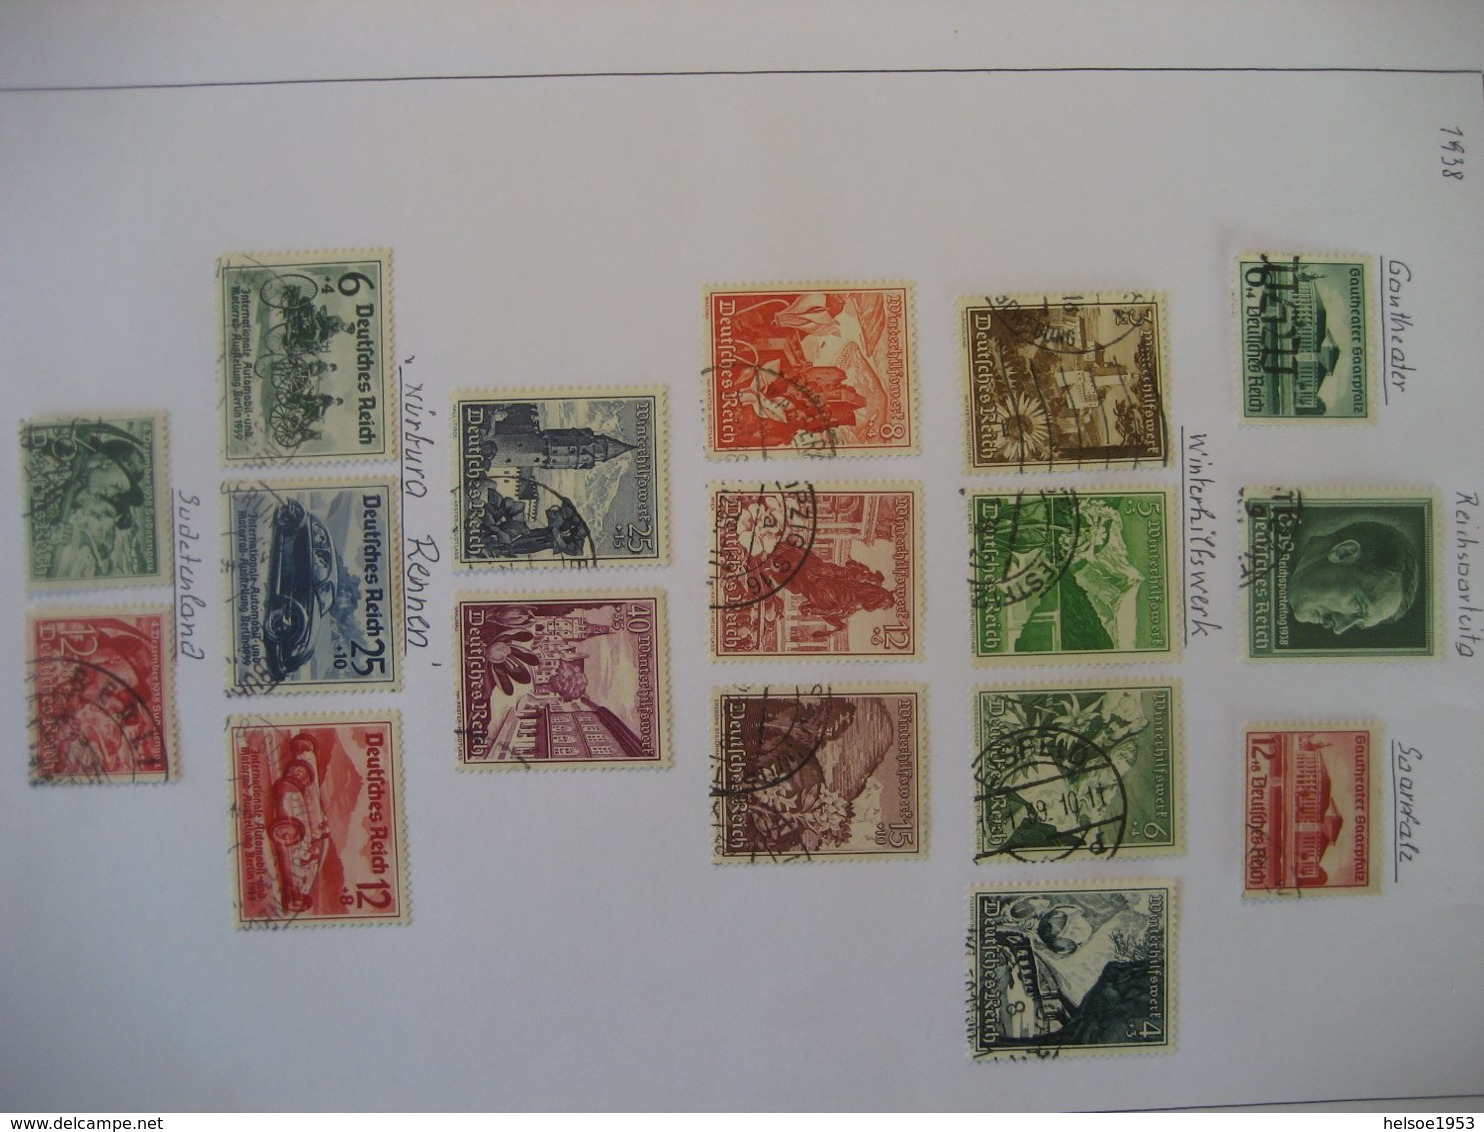 Deutschland/ Deutsches Reich- Mi. 676-674, Mi. 672, Winterhilfswerk Mi. 675-683, Automobilausst. Mi. 686-688, Mi. 684-85 - Germany